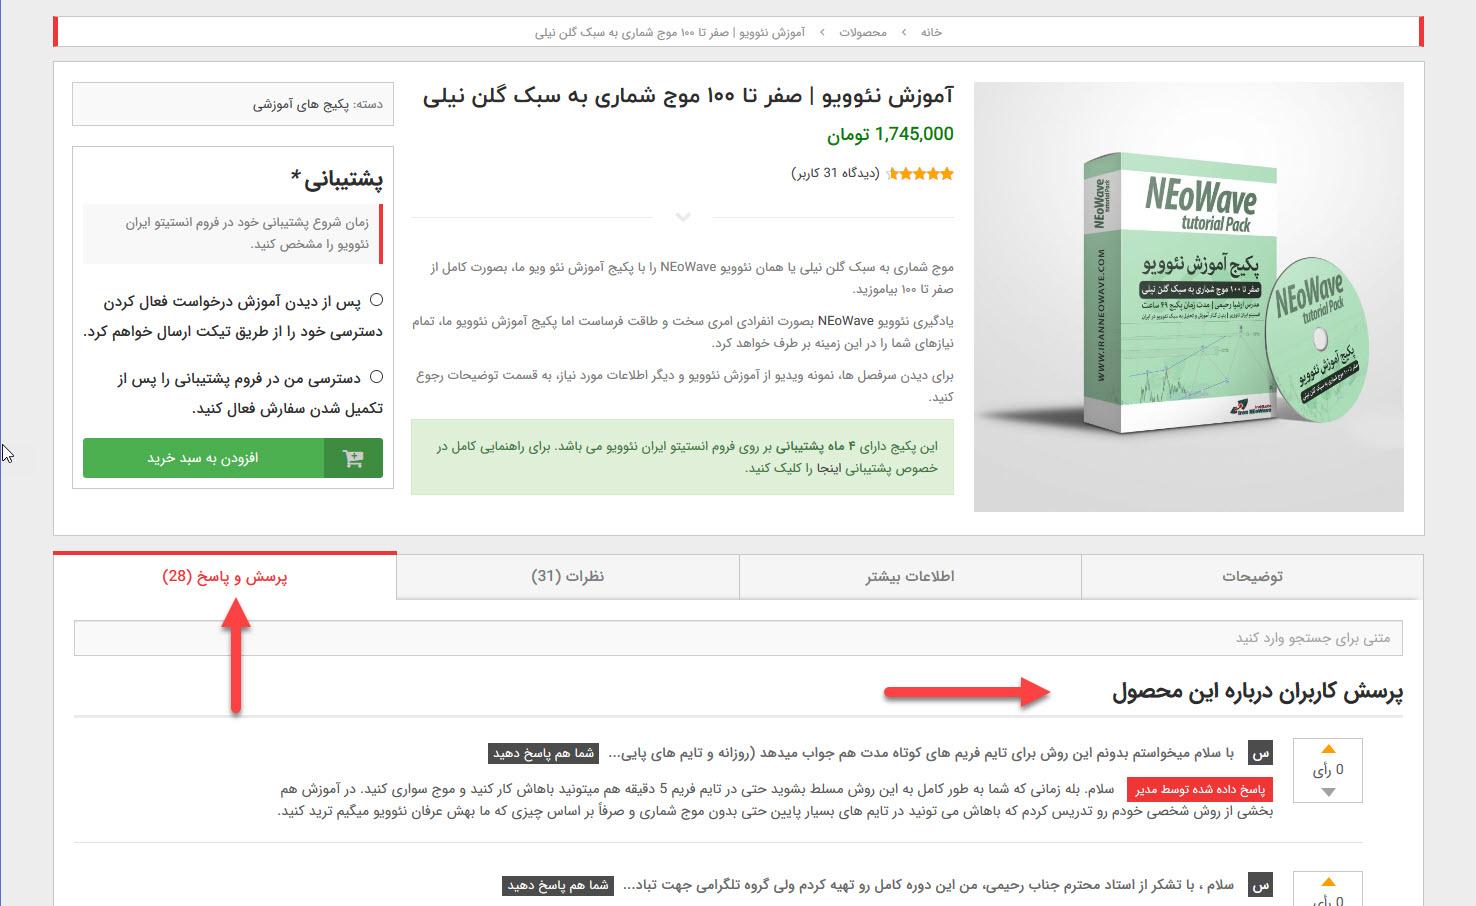 پشتیبانی و پاسخگویی به سوالات پیش از خرید در انستیتو ایران نئوویو